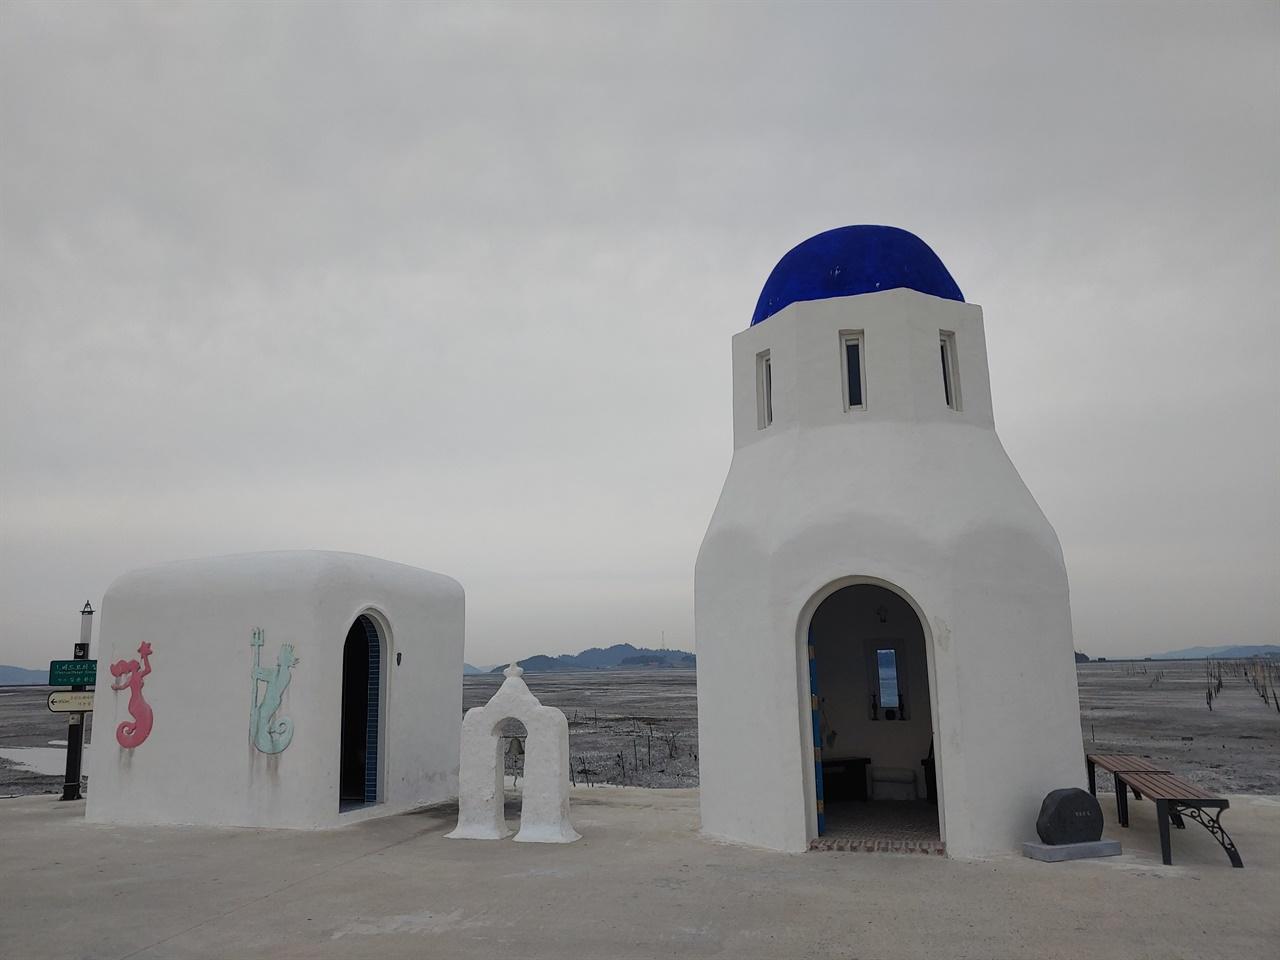 1번 베드로의 집(건강의 집, 김윤환 작품): 대기점 선착장에 있어서 등대와 대기소 역할을 한다. 낮은 종탑 종을 울리면 순례의 시작을 알린다.